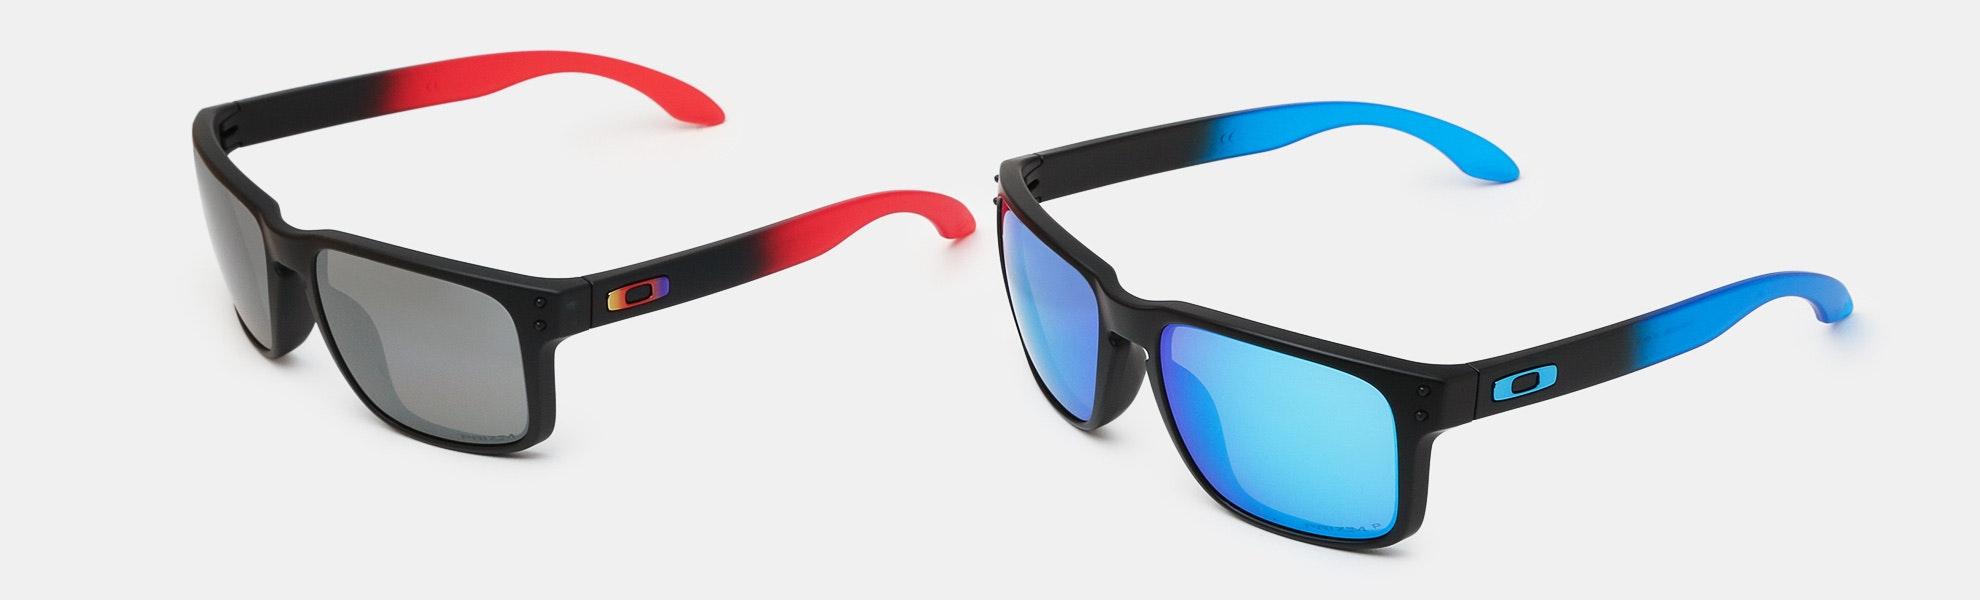 Oakley Holbrook Fade Polarized Sunglasses